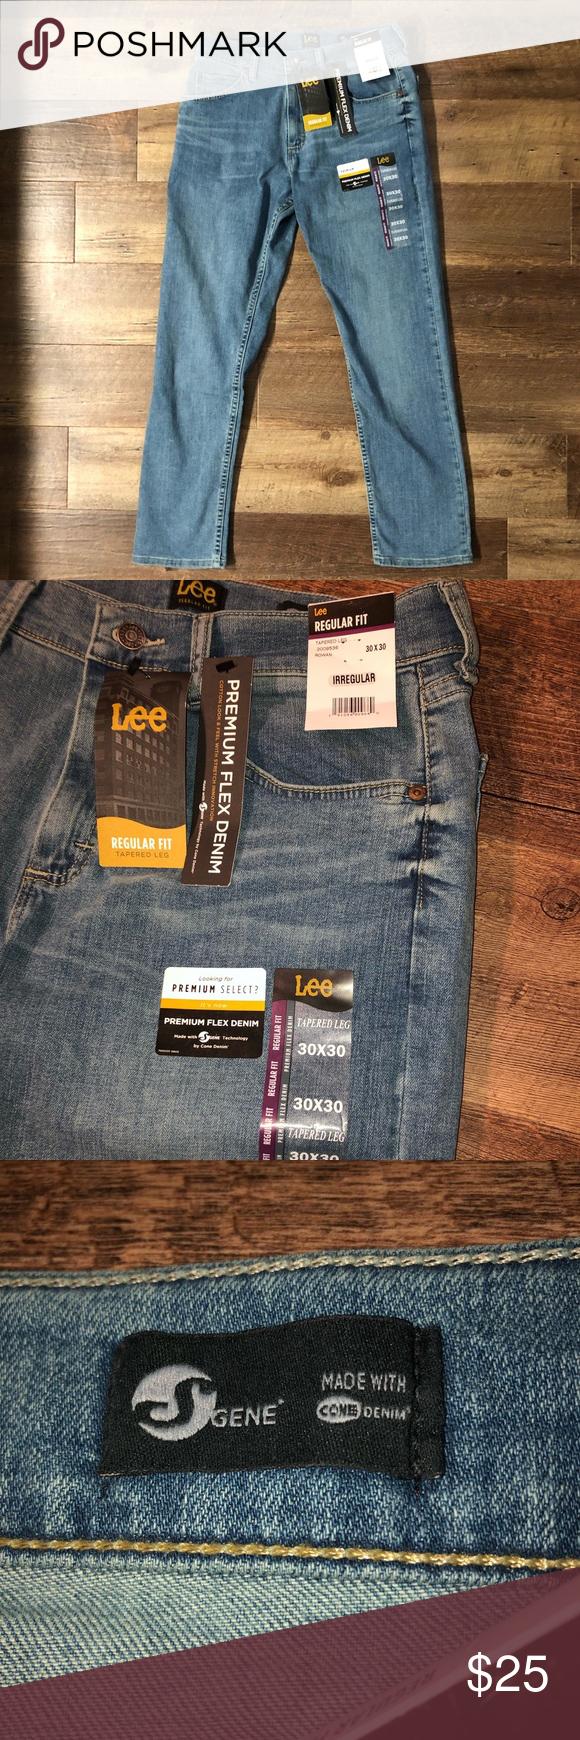 6ebec8e032f10 Lee Men's 30x30 Regular Fit Tapered Leg Jeans 📦Bundle & Save ...